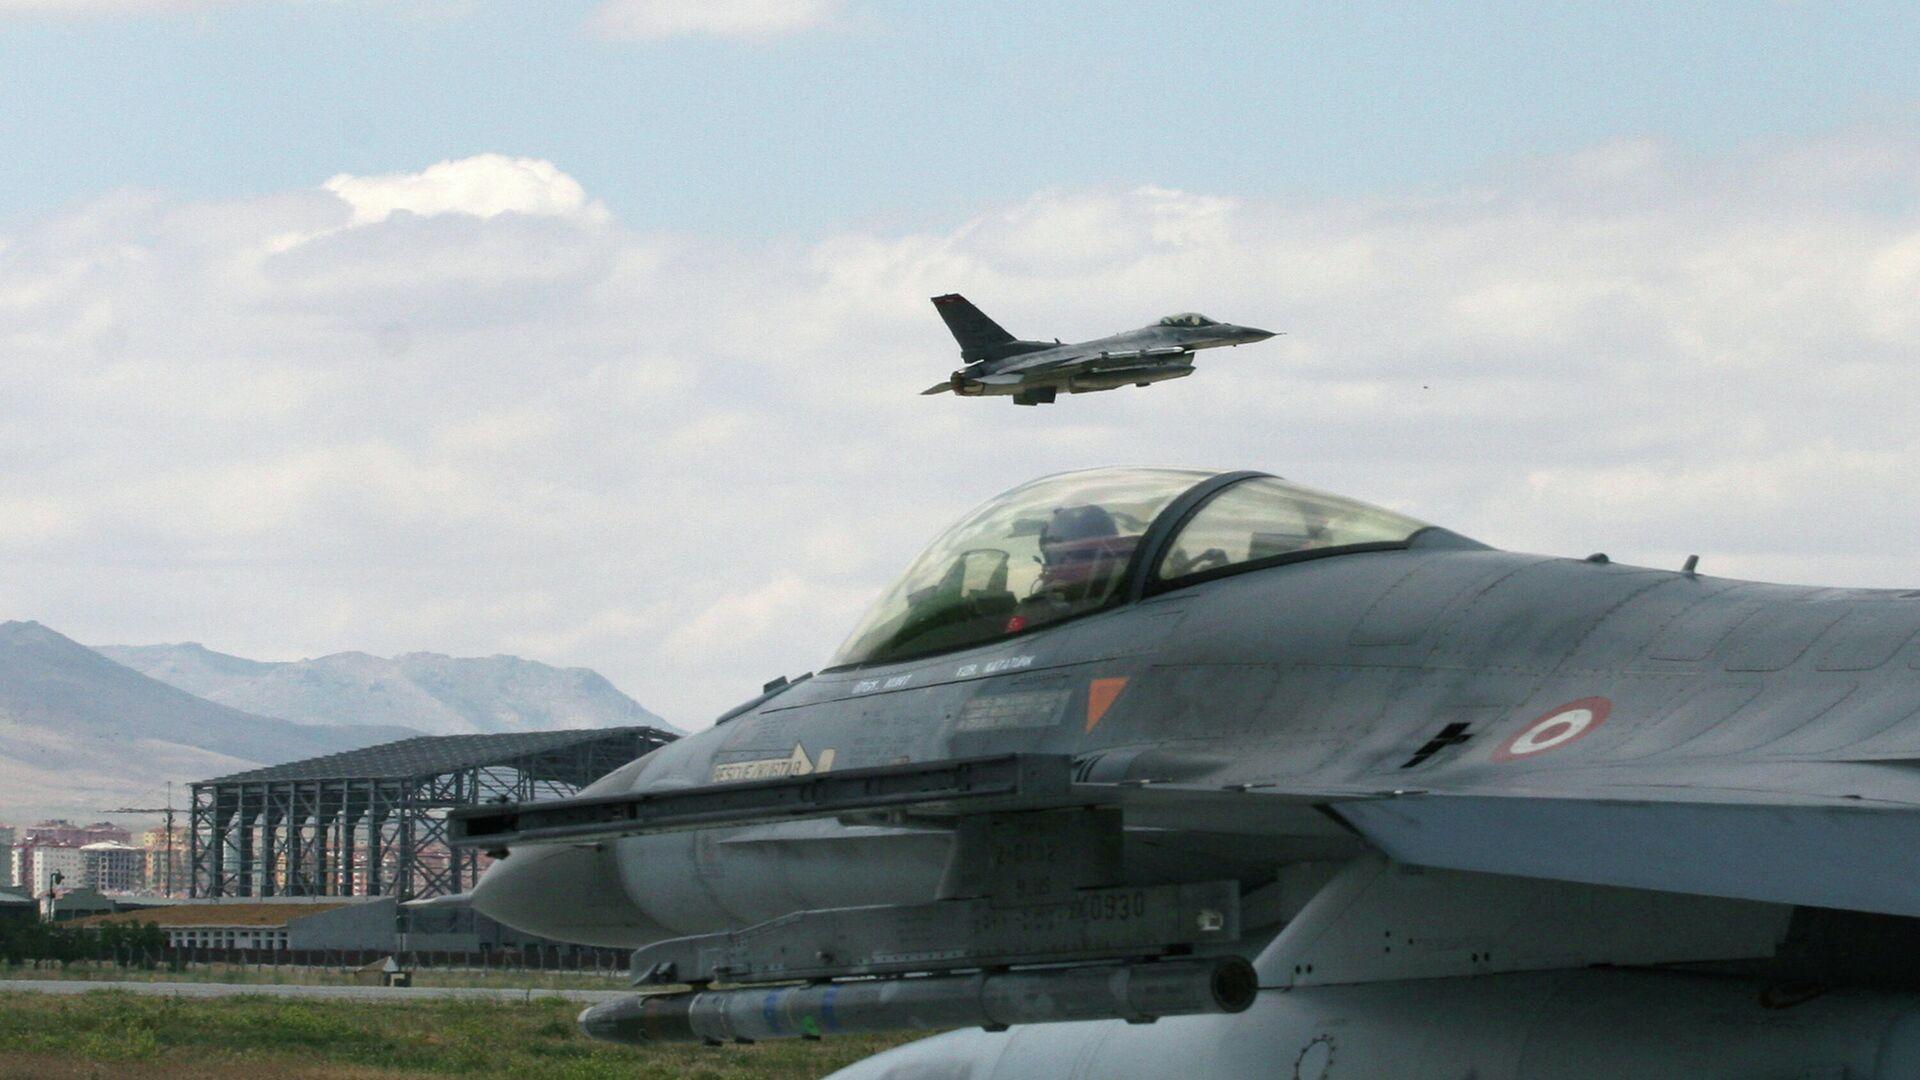 Турецкий истребитель F-16  - РИА Новости, 1920, 30.09.2020